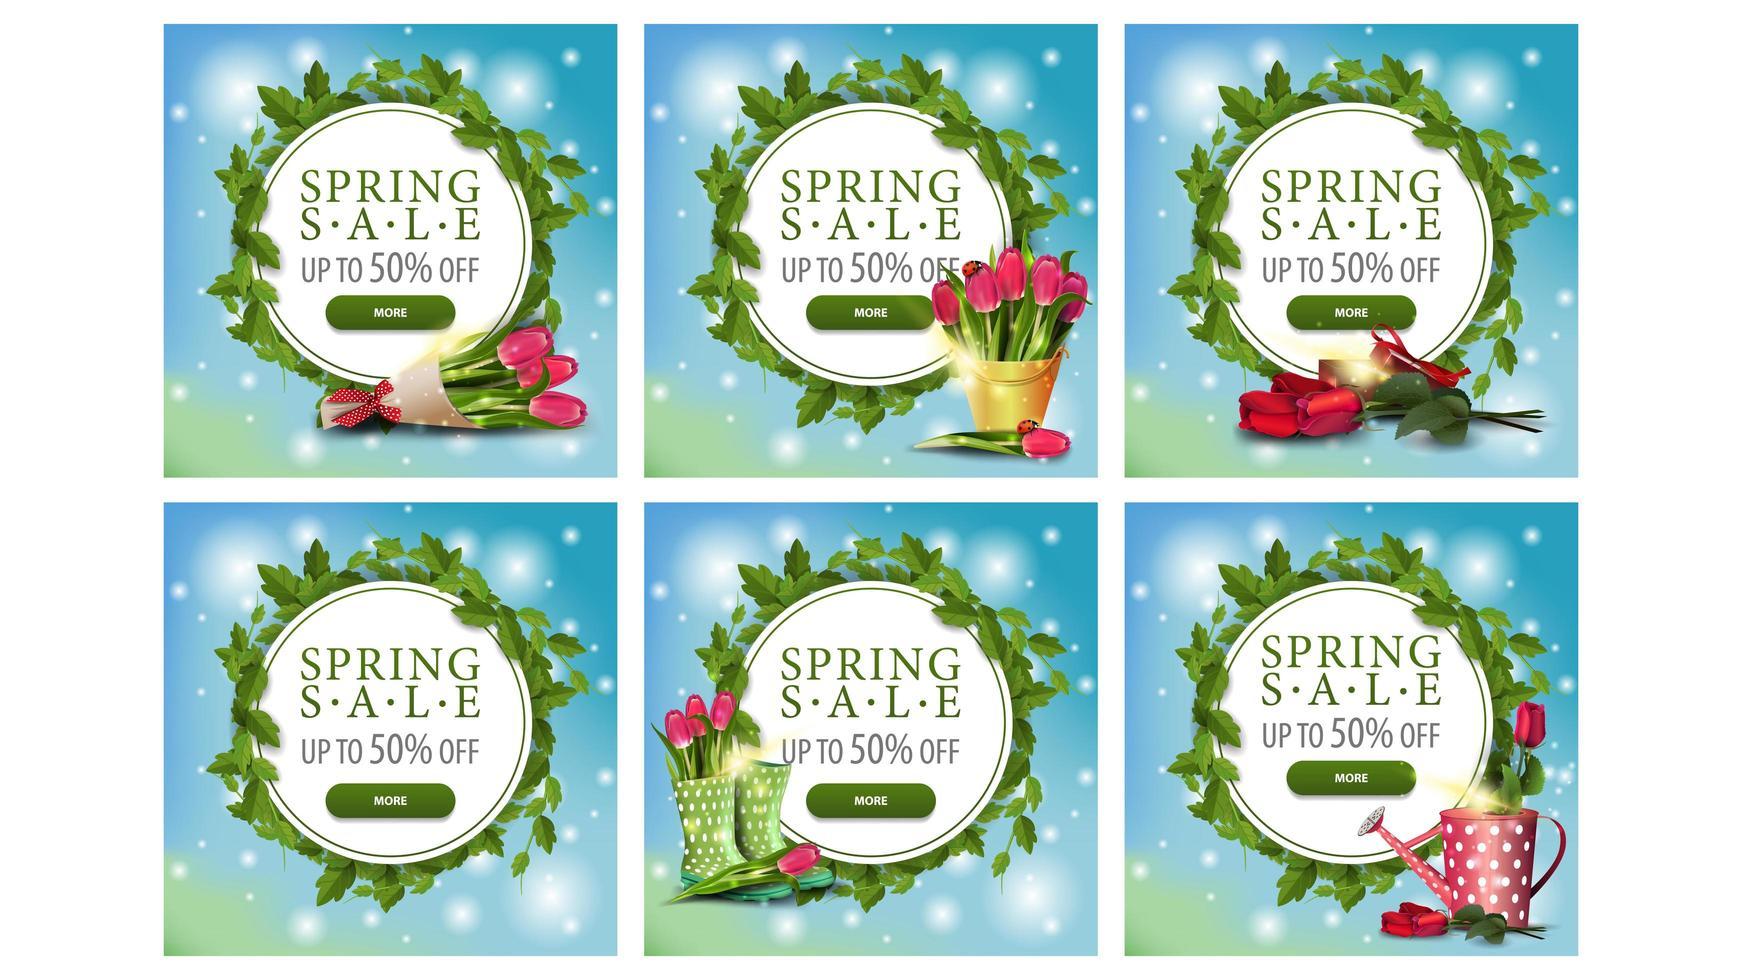 våren försäljning cirkel ram banners med blad vektor